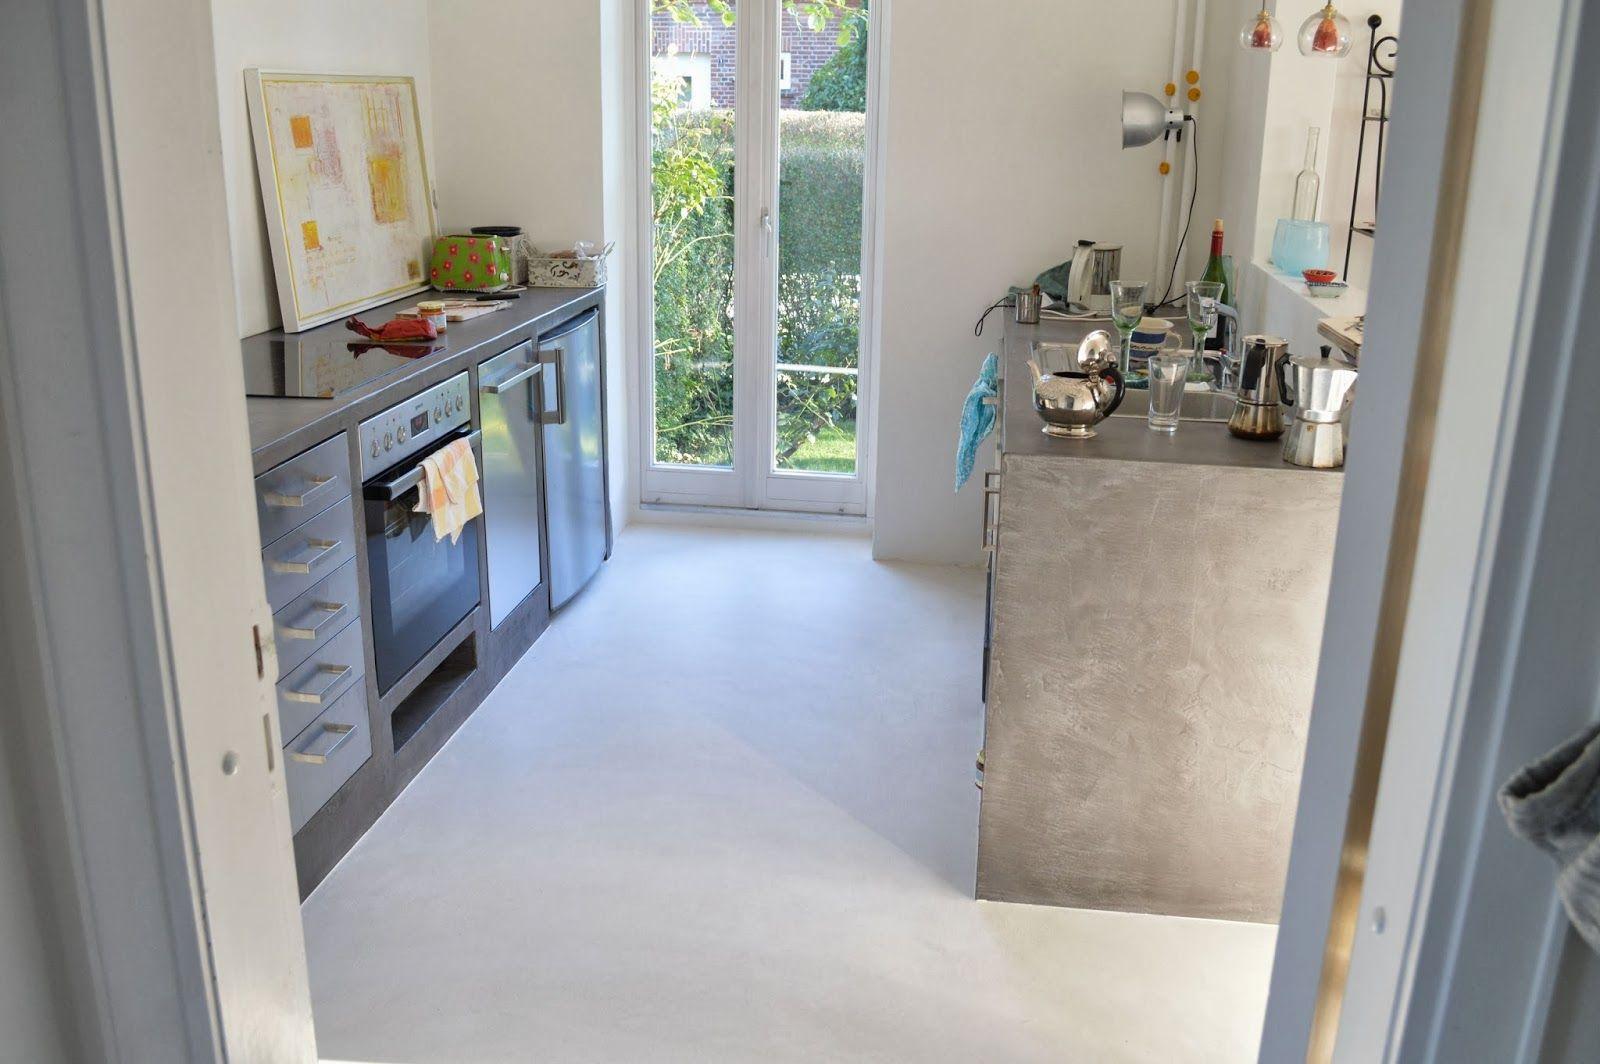 Beton cire beton floor preise betonoptik microtopping kosten